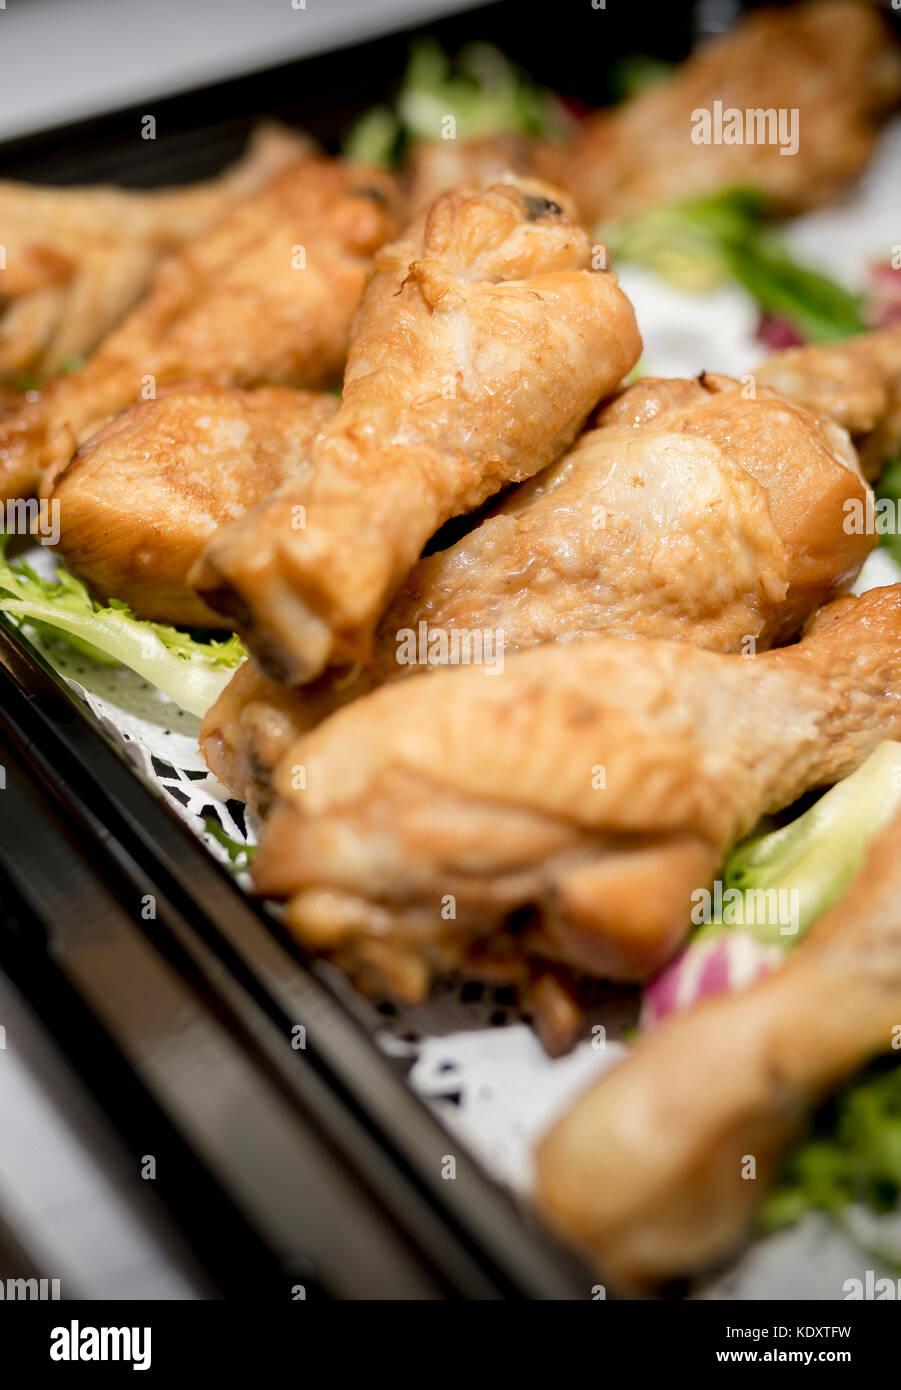 Nahaufnahme von Hähnchen Sticks zu einem Buffet auf einer schwarzen Fach mit Salat drum als Garnitur Stockbild